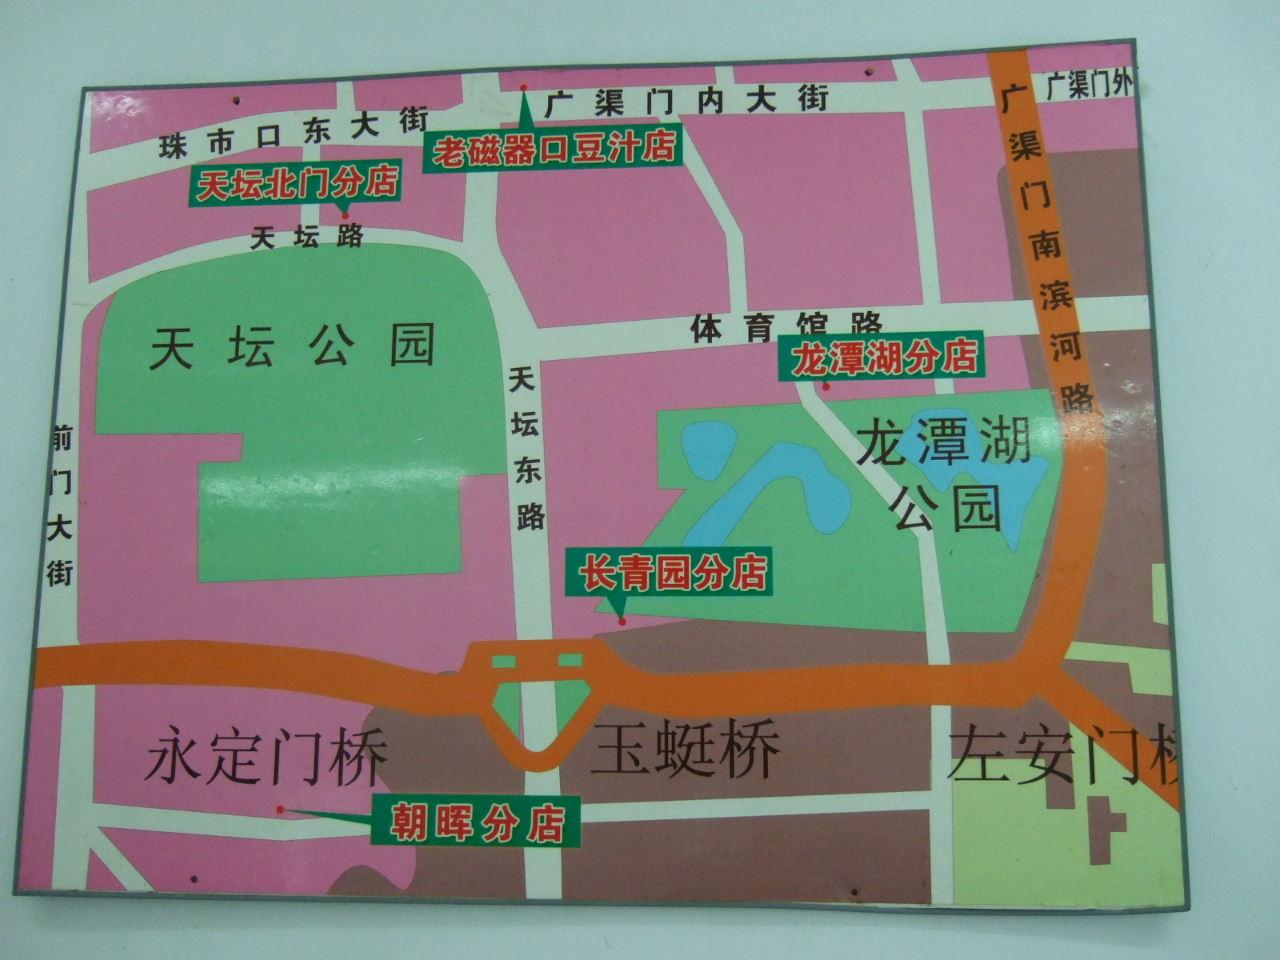 磁器口豆汁店地図